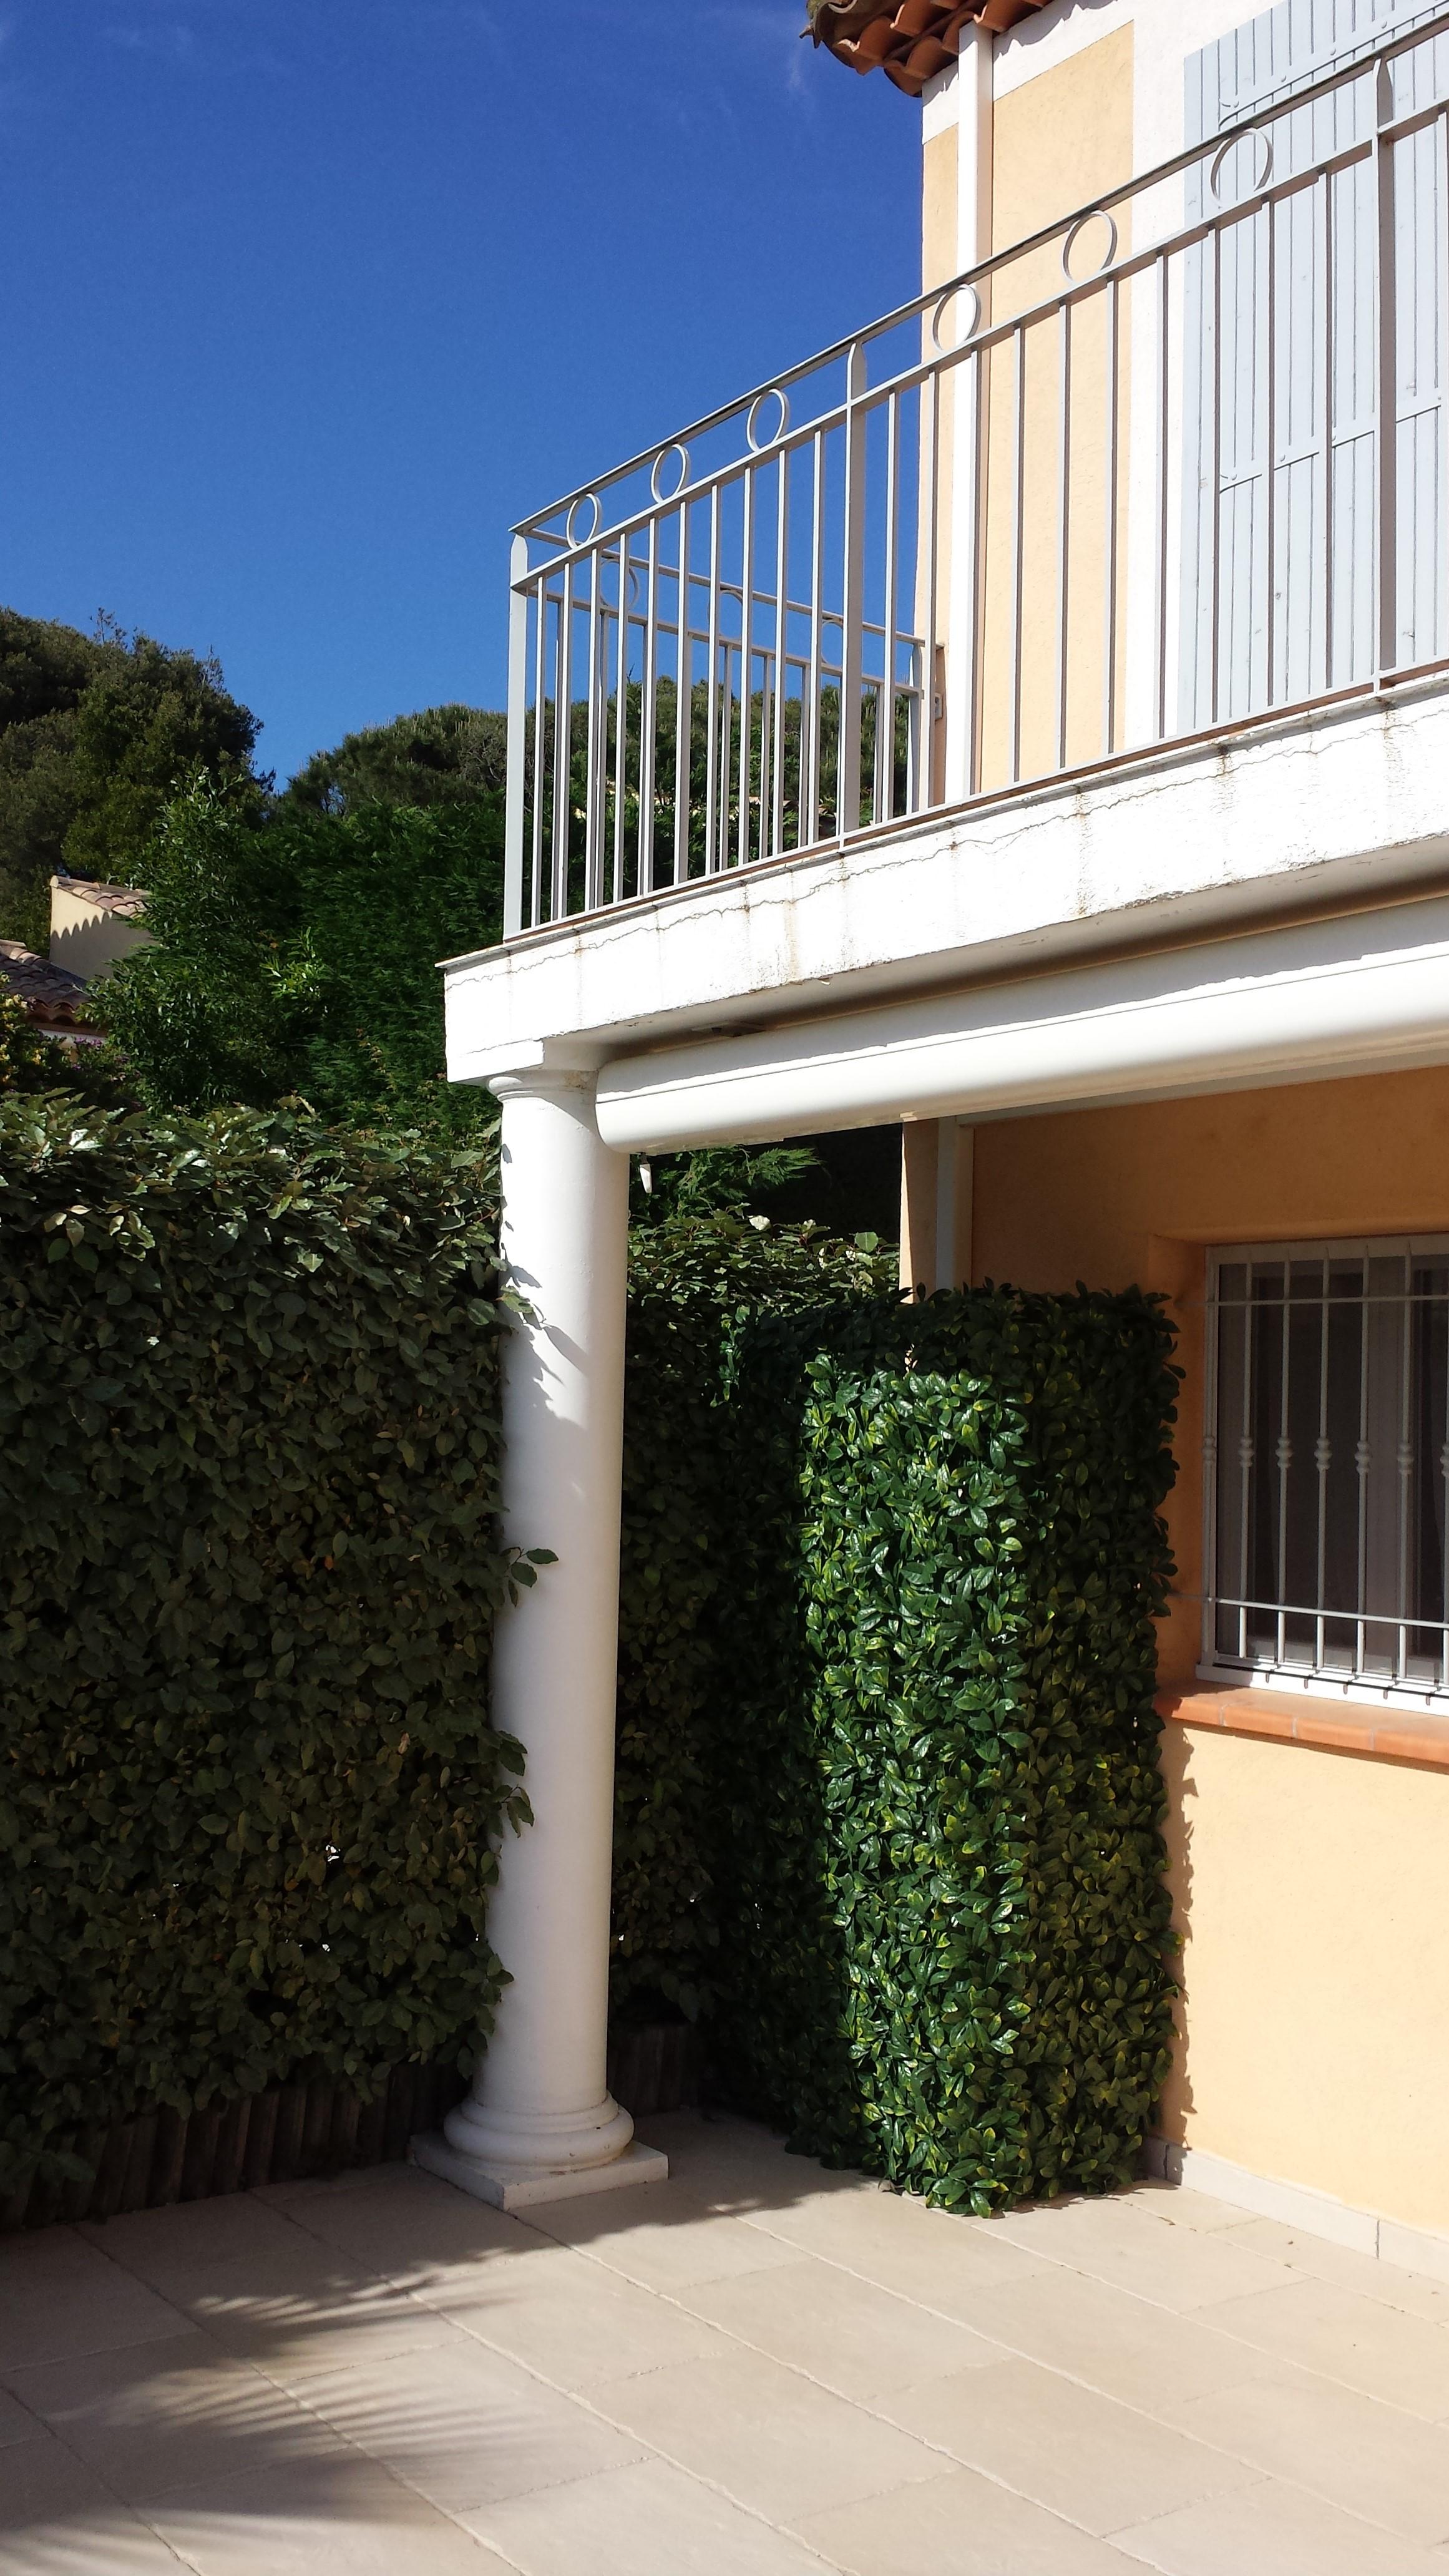 Protection climatiseur exterieur mod le buisson plusieurs for Protection climatiseur exterieur